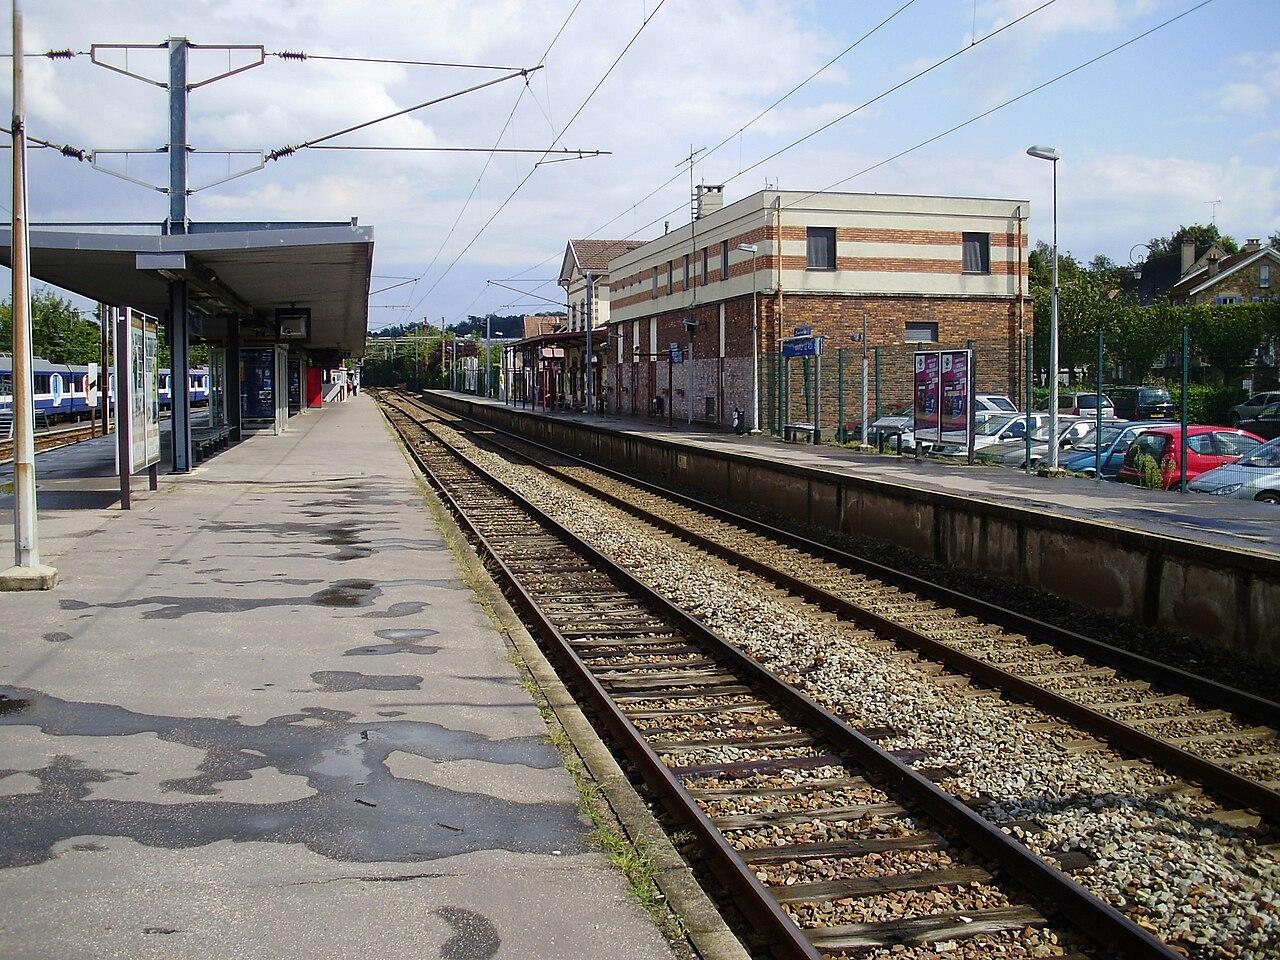 Parking Vers Le Caf Ef Bf Bd Le St Michel  Digosville France